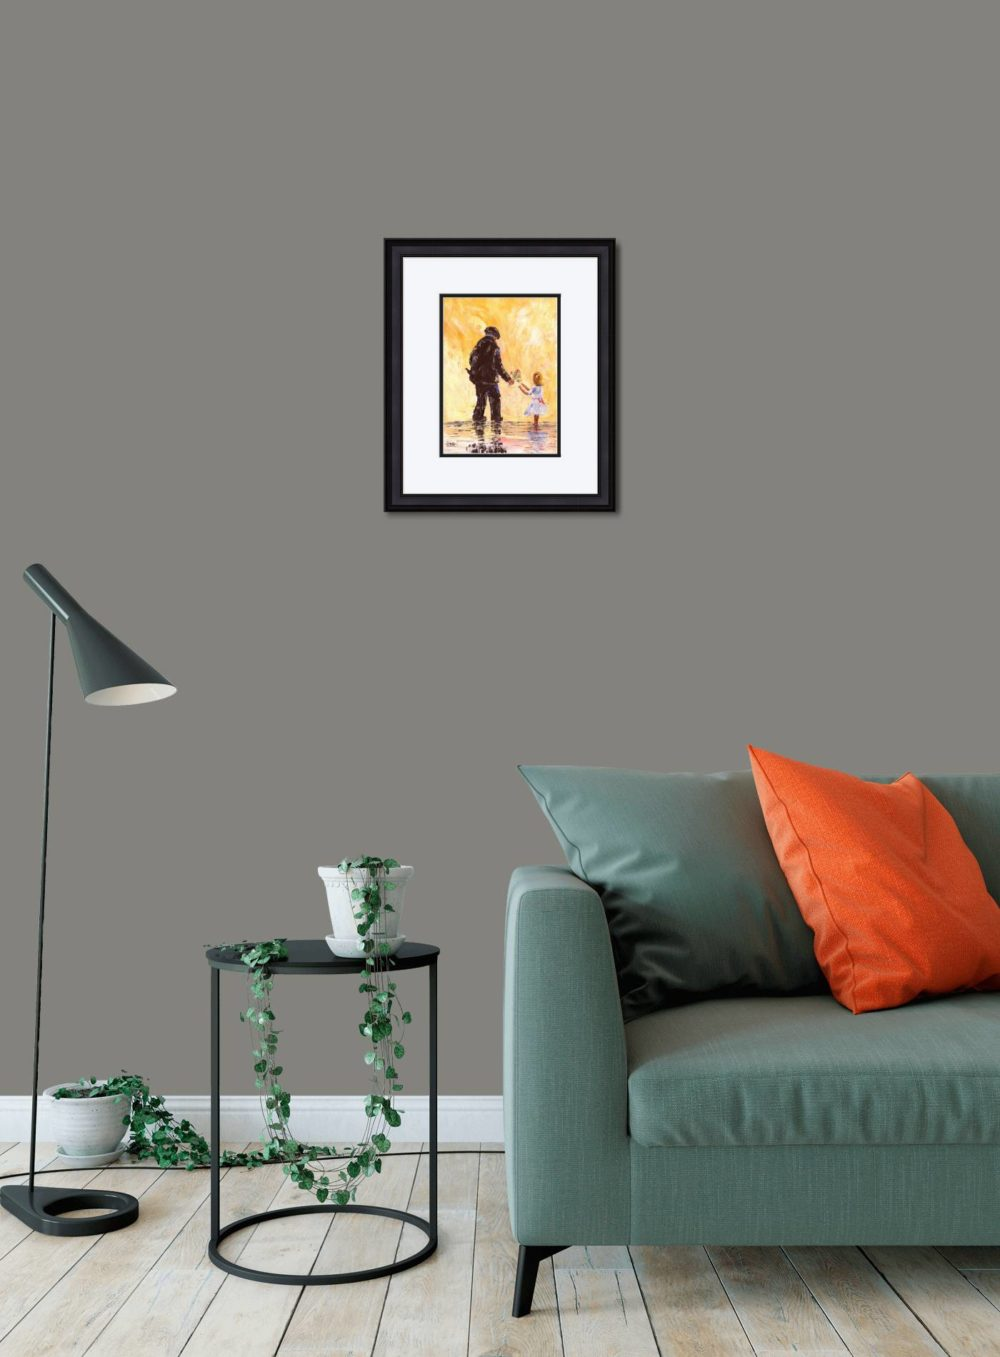 Granda's Girl Print (Small) in Black Frame in Room